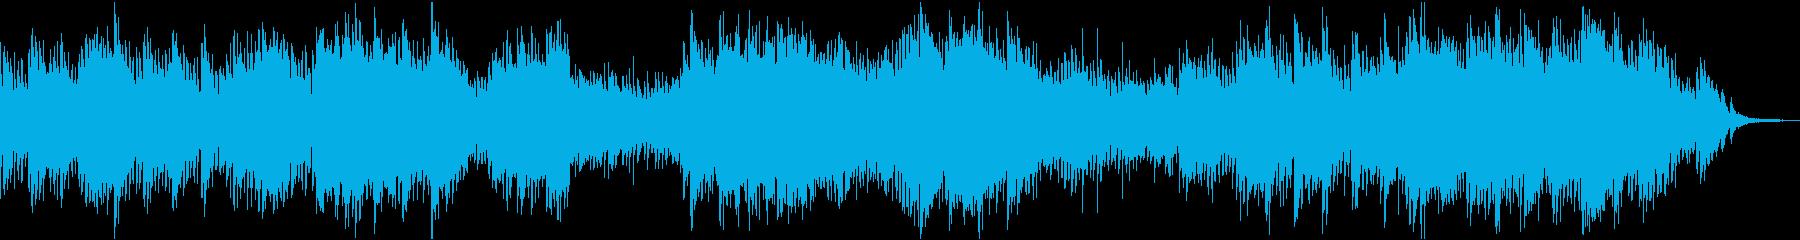 リリカルで静かな情熱を秘めたチェロの再生済みの波形